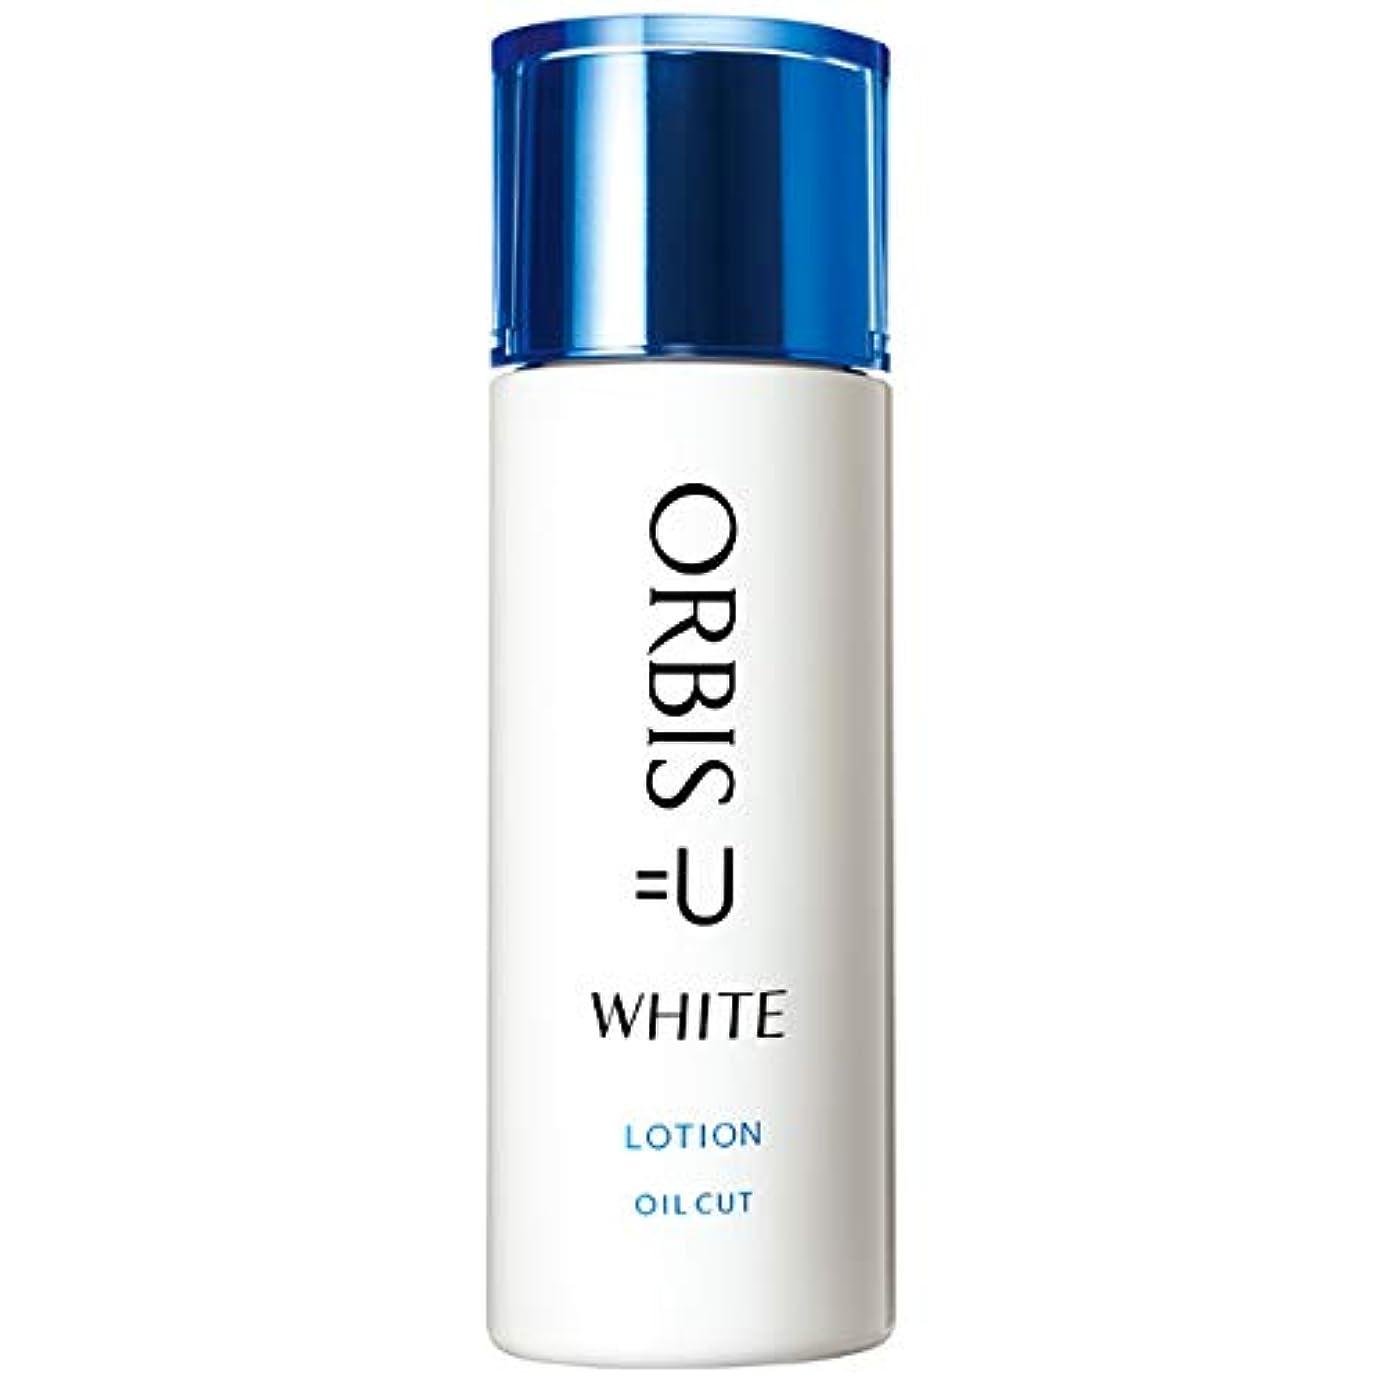 ダッシュバスケットボール政策オルビス(ORBIS) オルビスユー ホワイト ローション 180mL 化粧水 [医薬部外品]